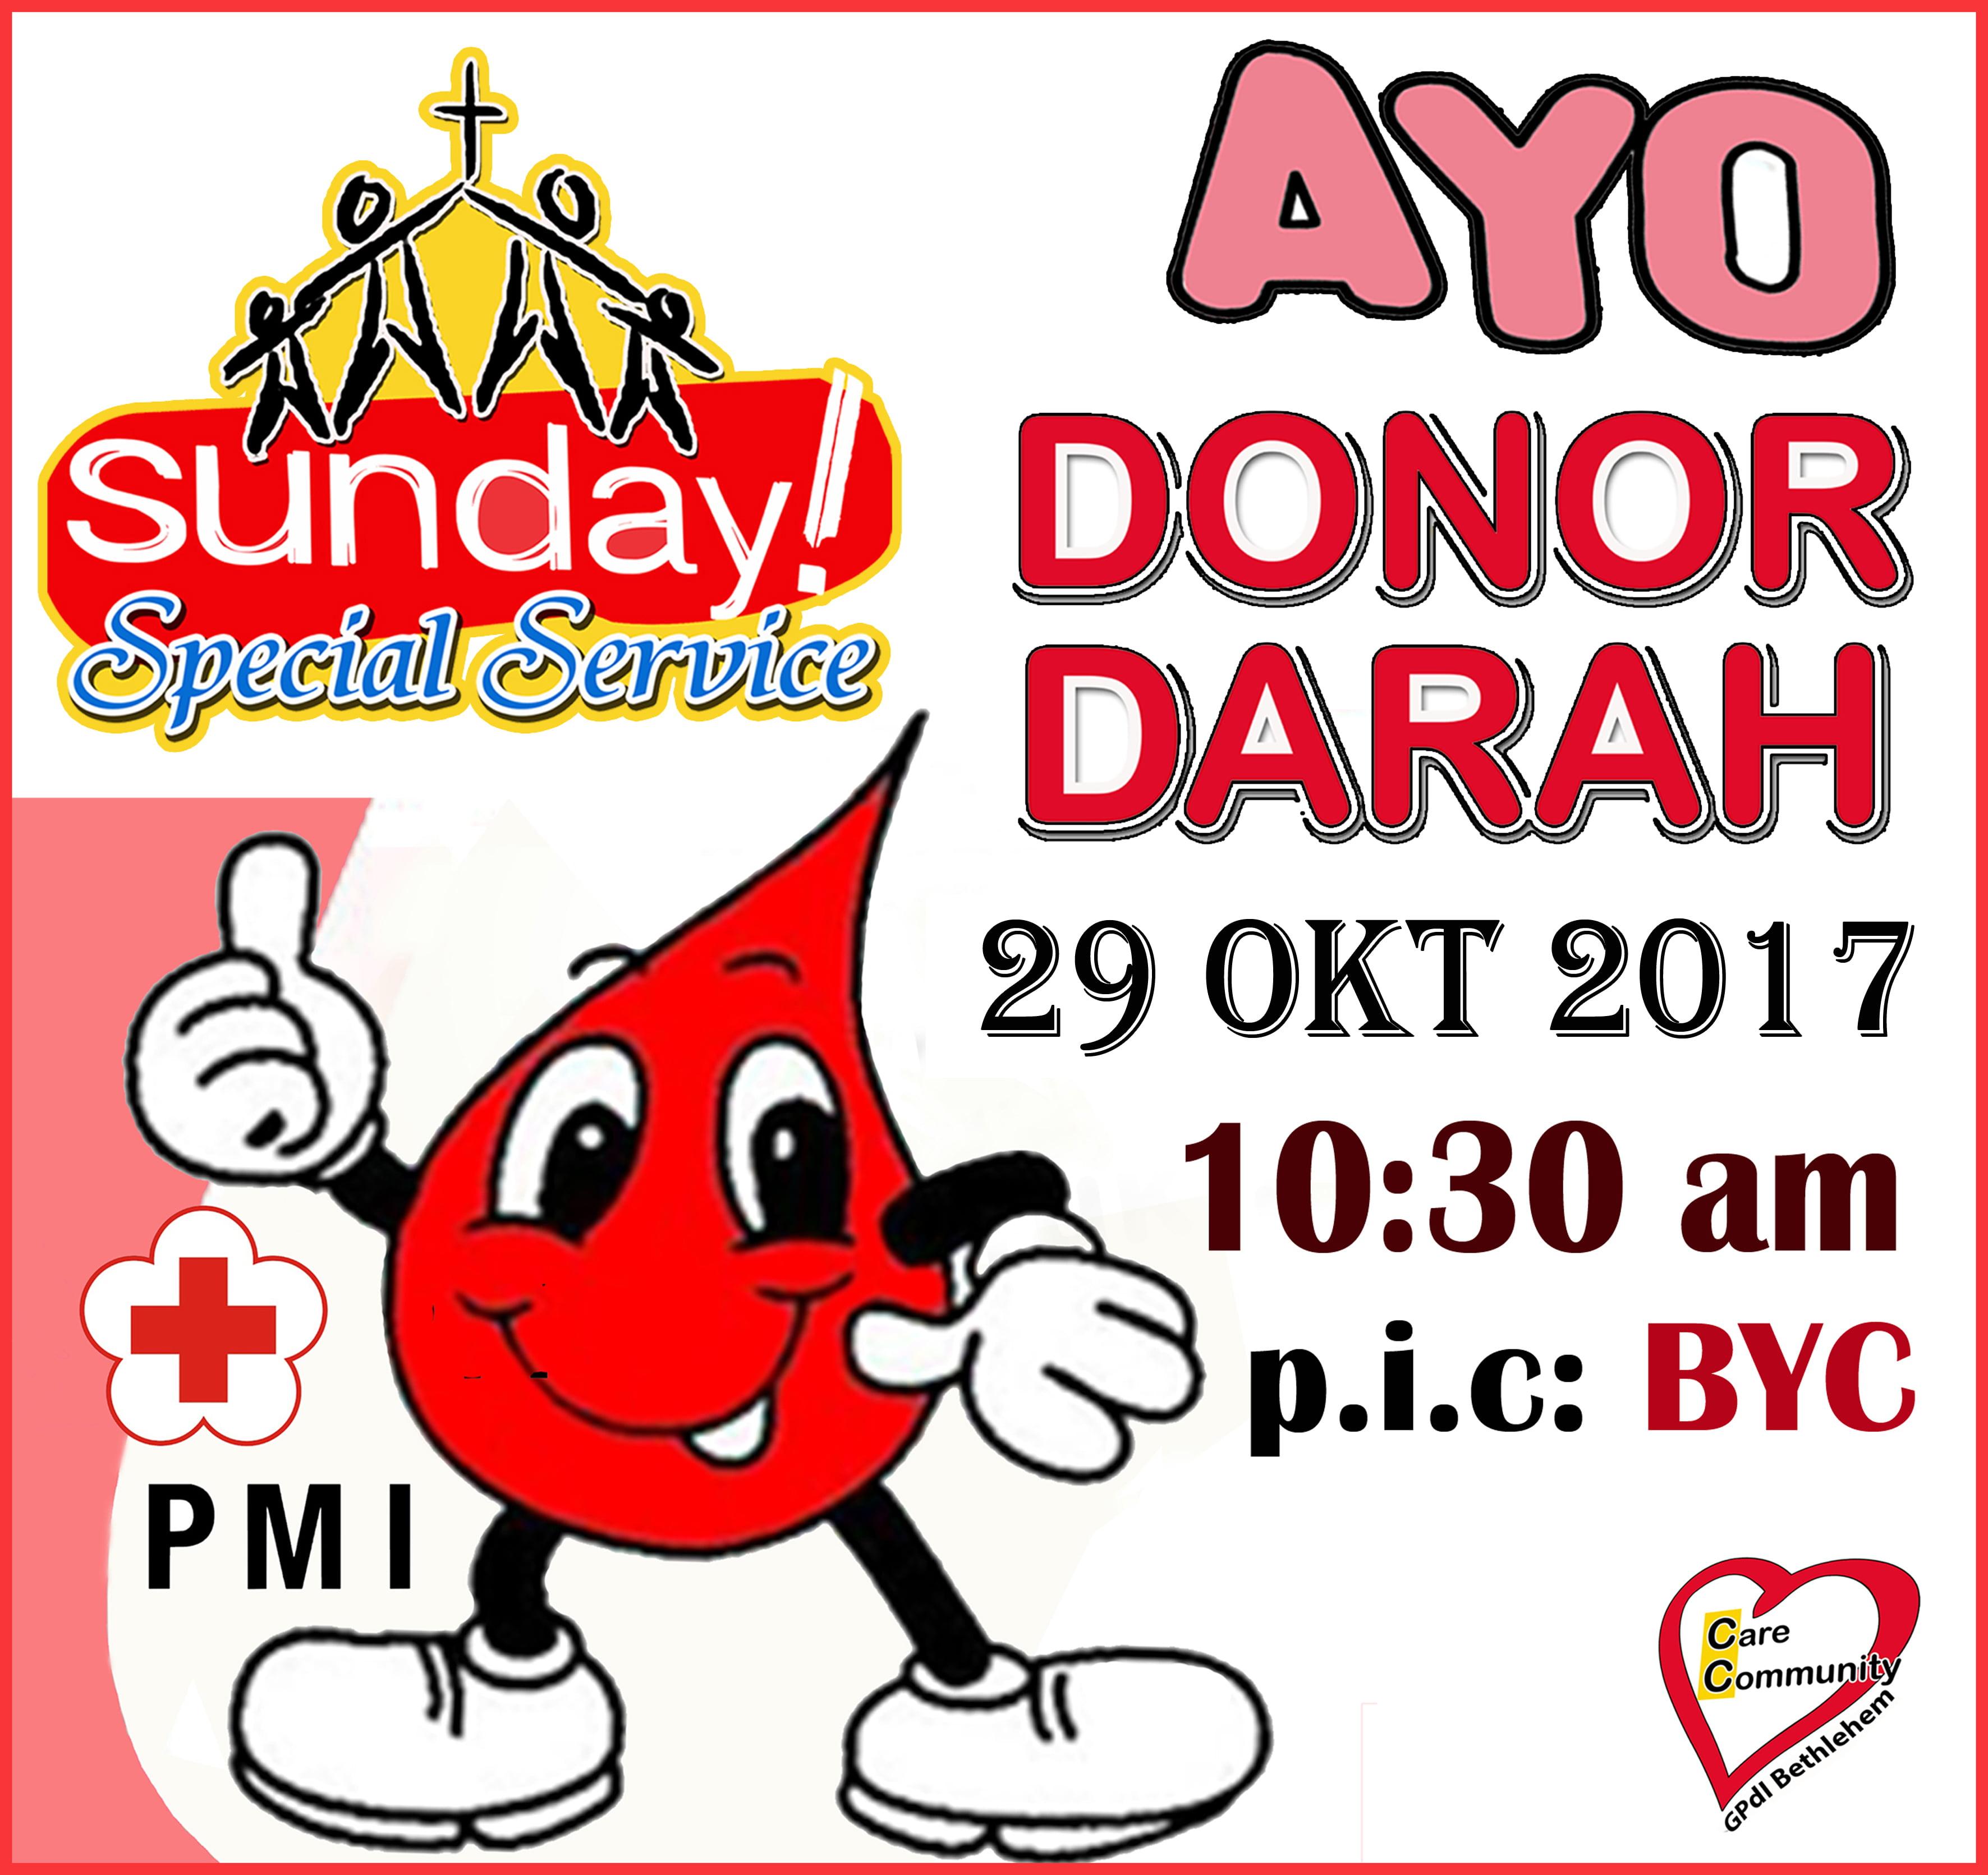 donor darah 29 okt 2017